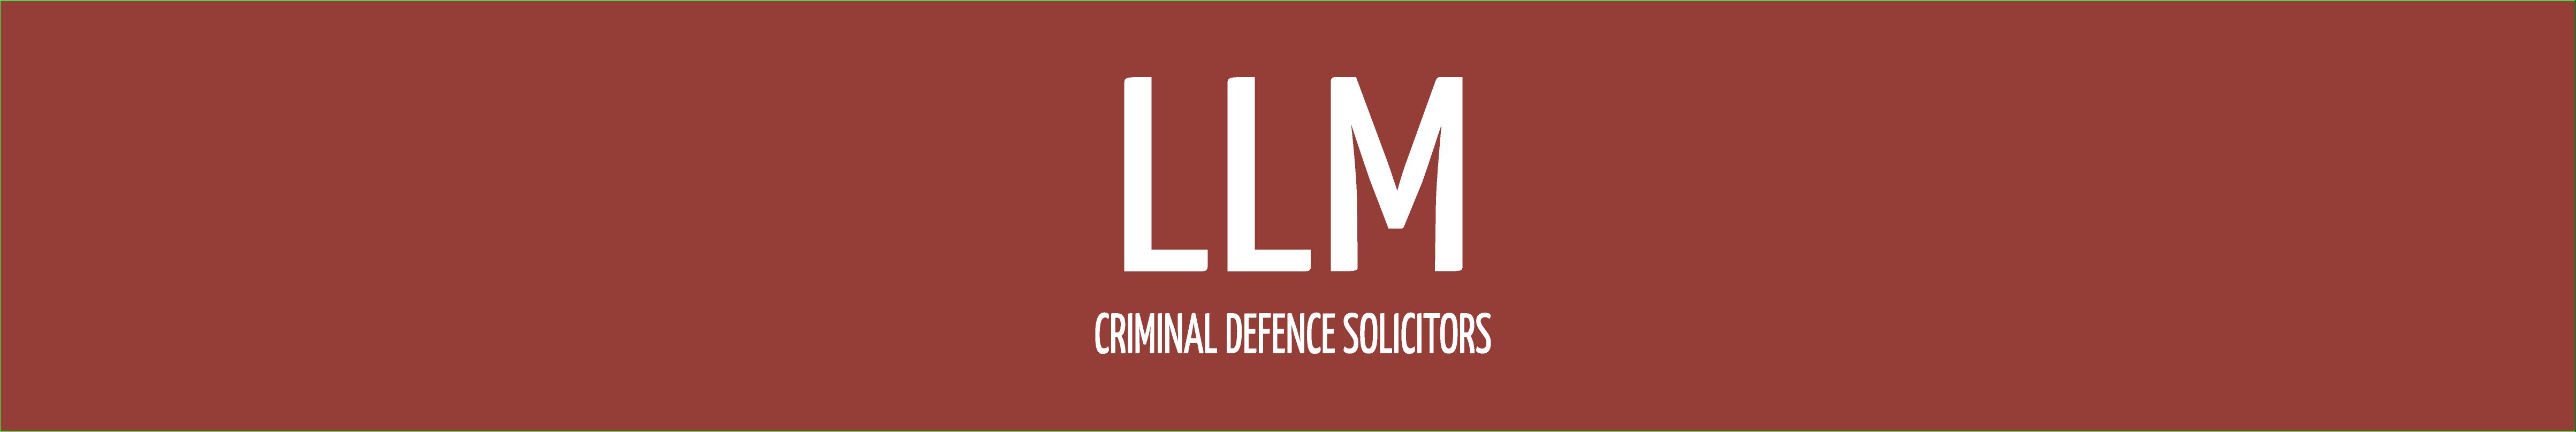 LLM Solicitors London